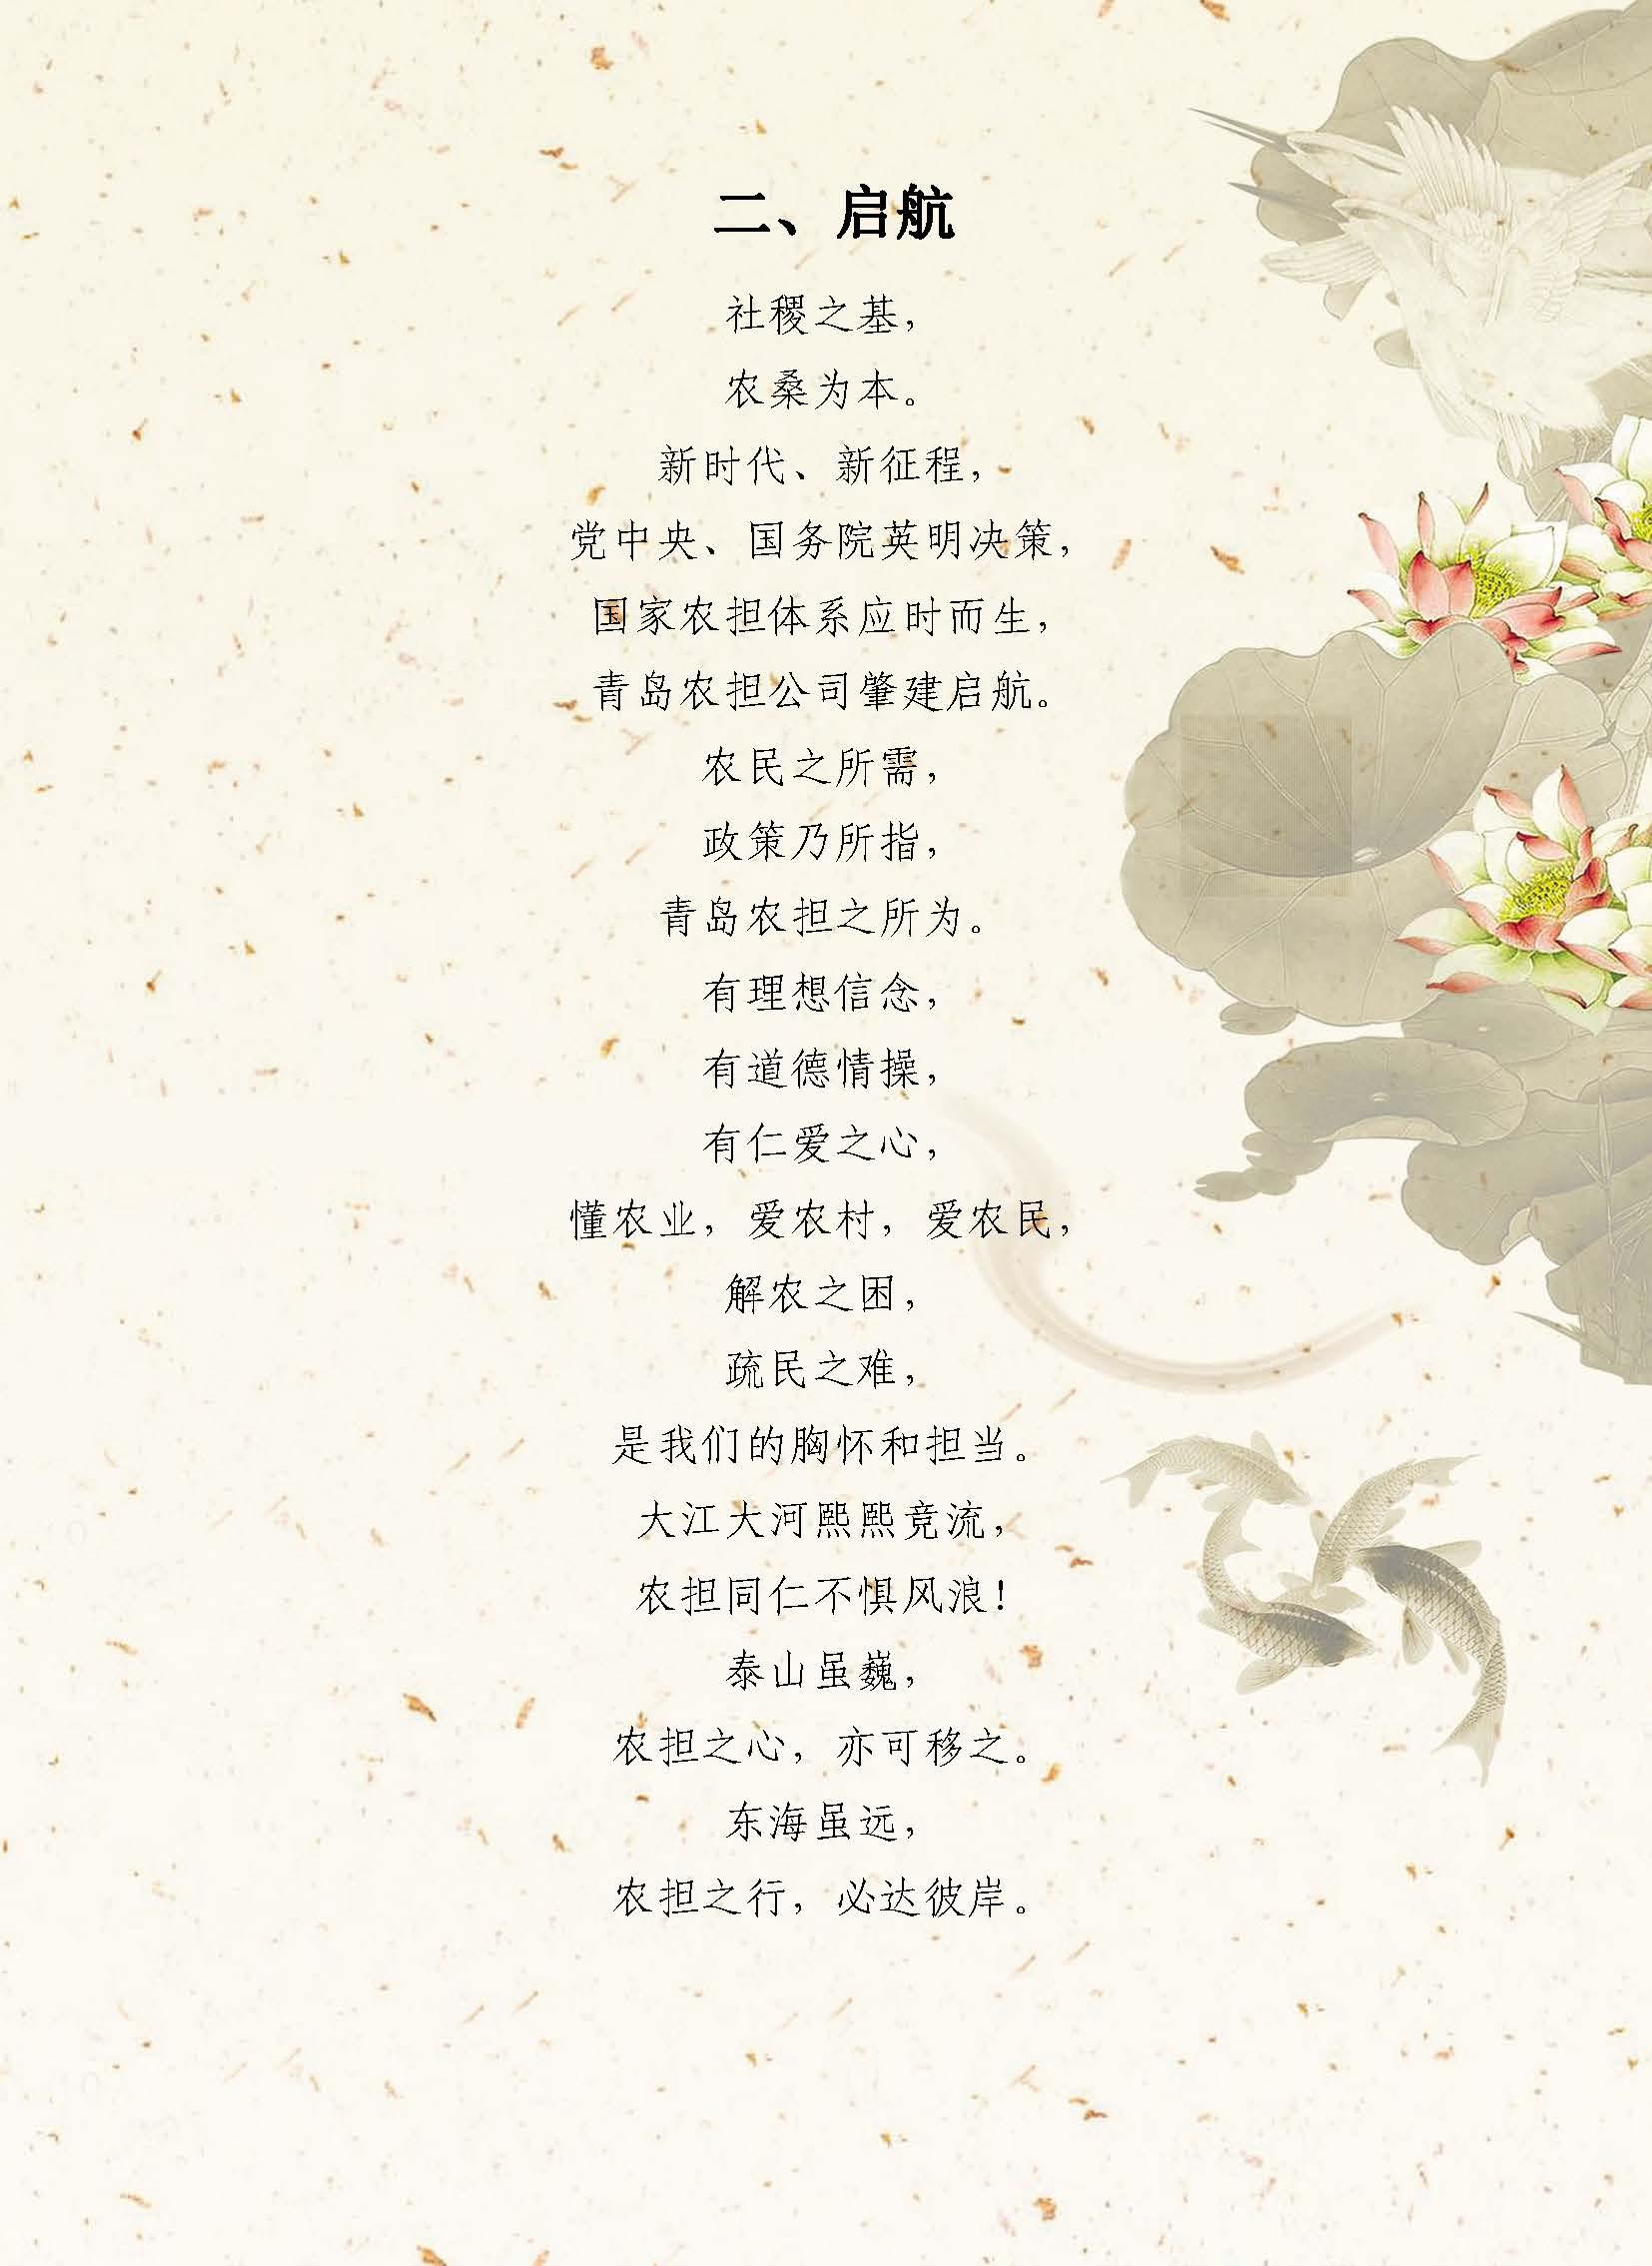 青島農擔工作動態(2019年第5期)——《農擔之歌》(青島)(3)_頁面_2.jpg